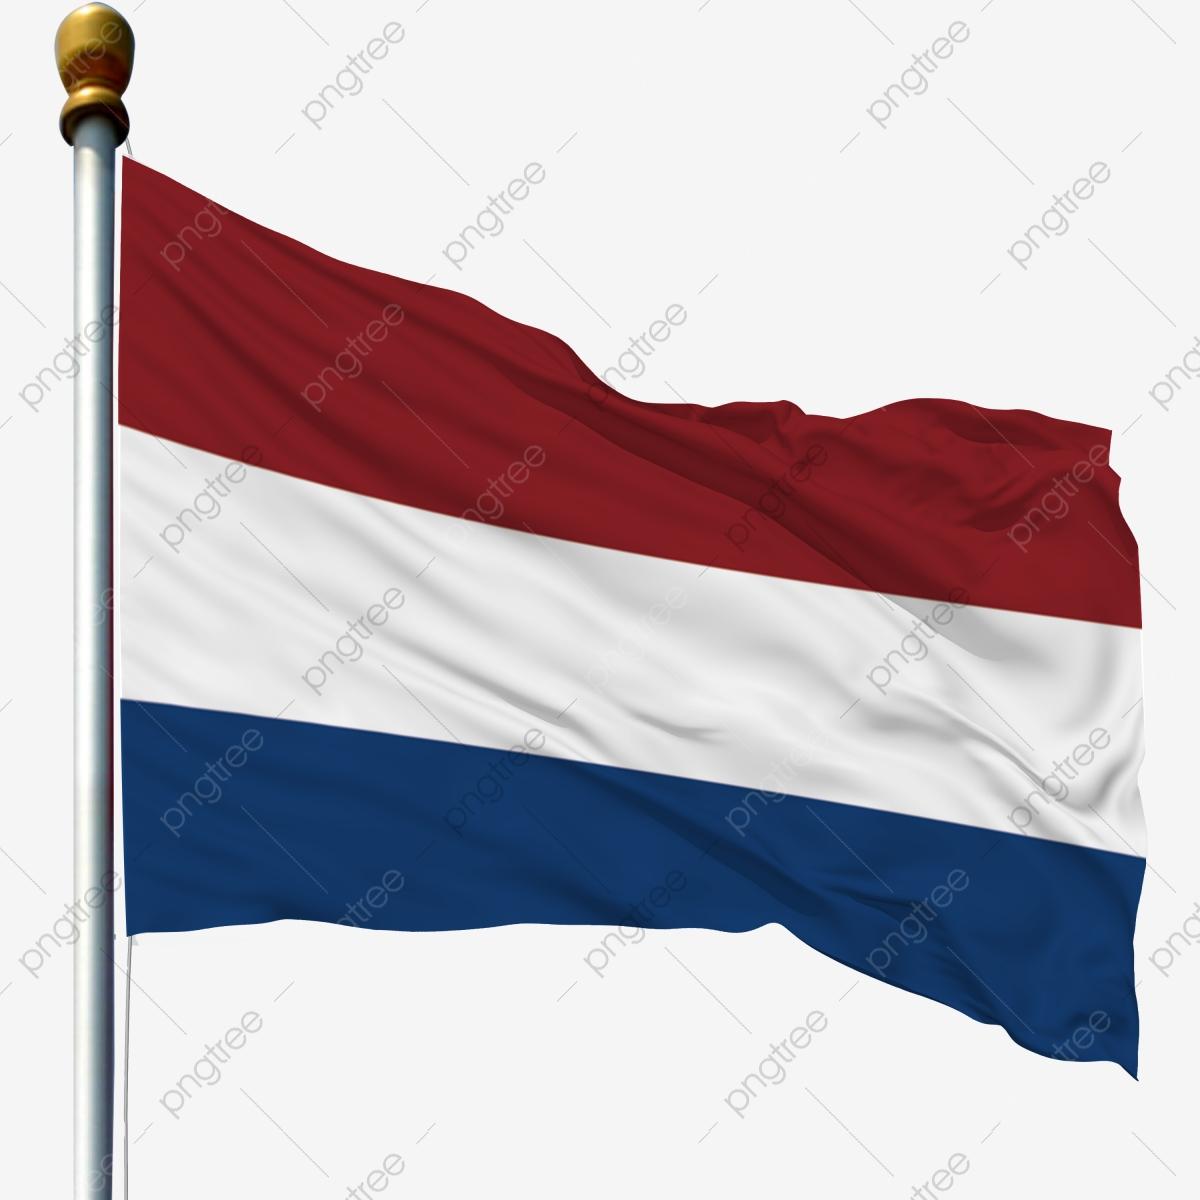 Bandera Holandesa, Países Bajos, La Cultura Holandesa, Bandera.